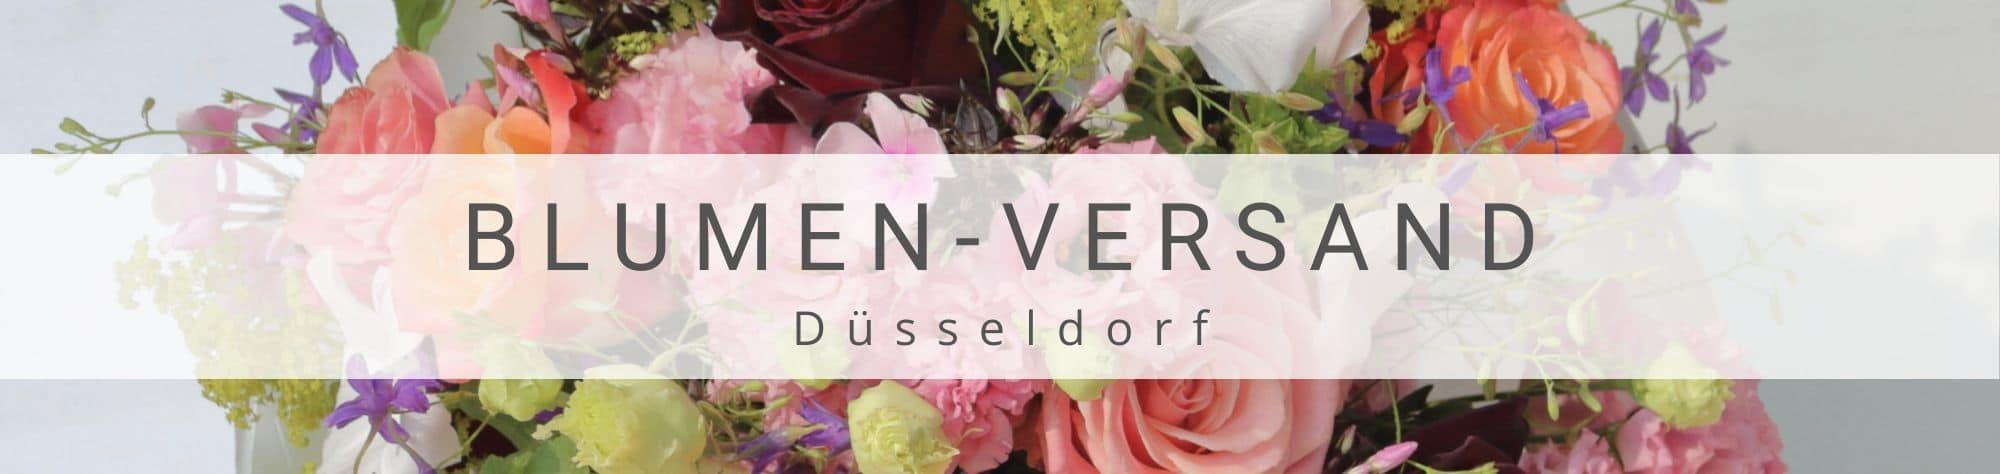 Blumen verschicken Düsseldorf - Blumenlad